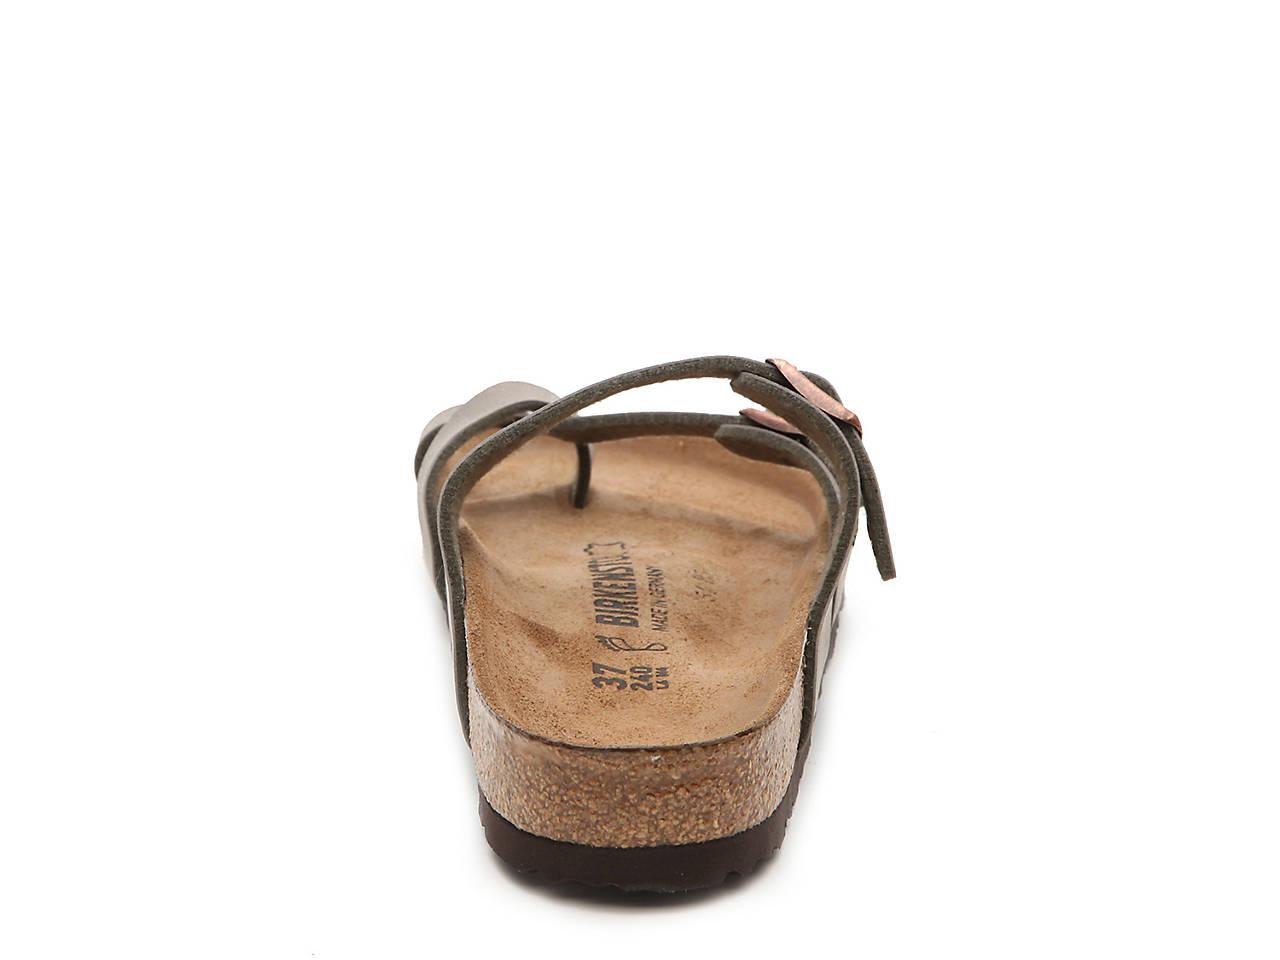 edd0914727a3 Birkenstock Mayari Sandal - Women s Women s Shoes